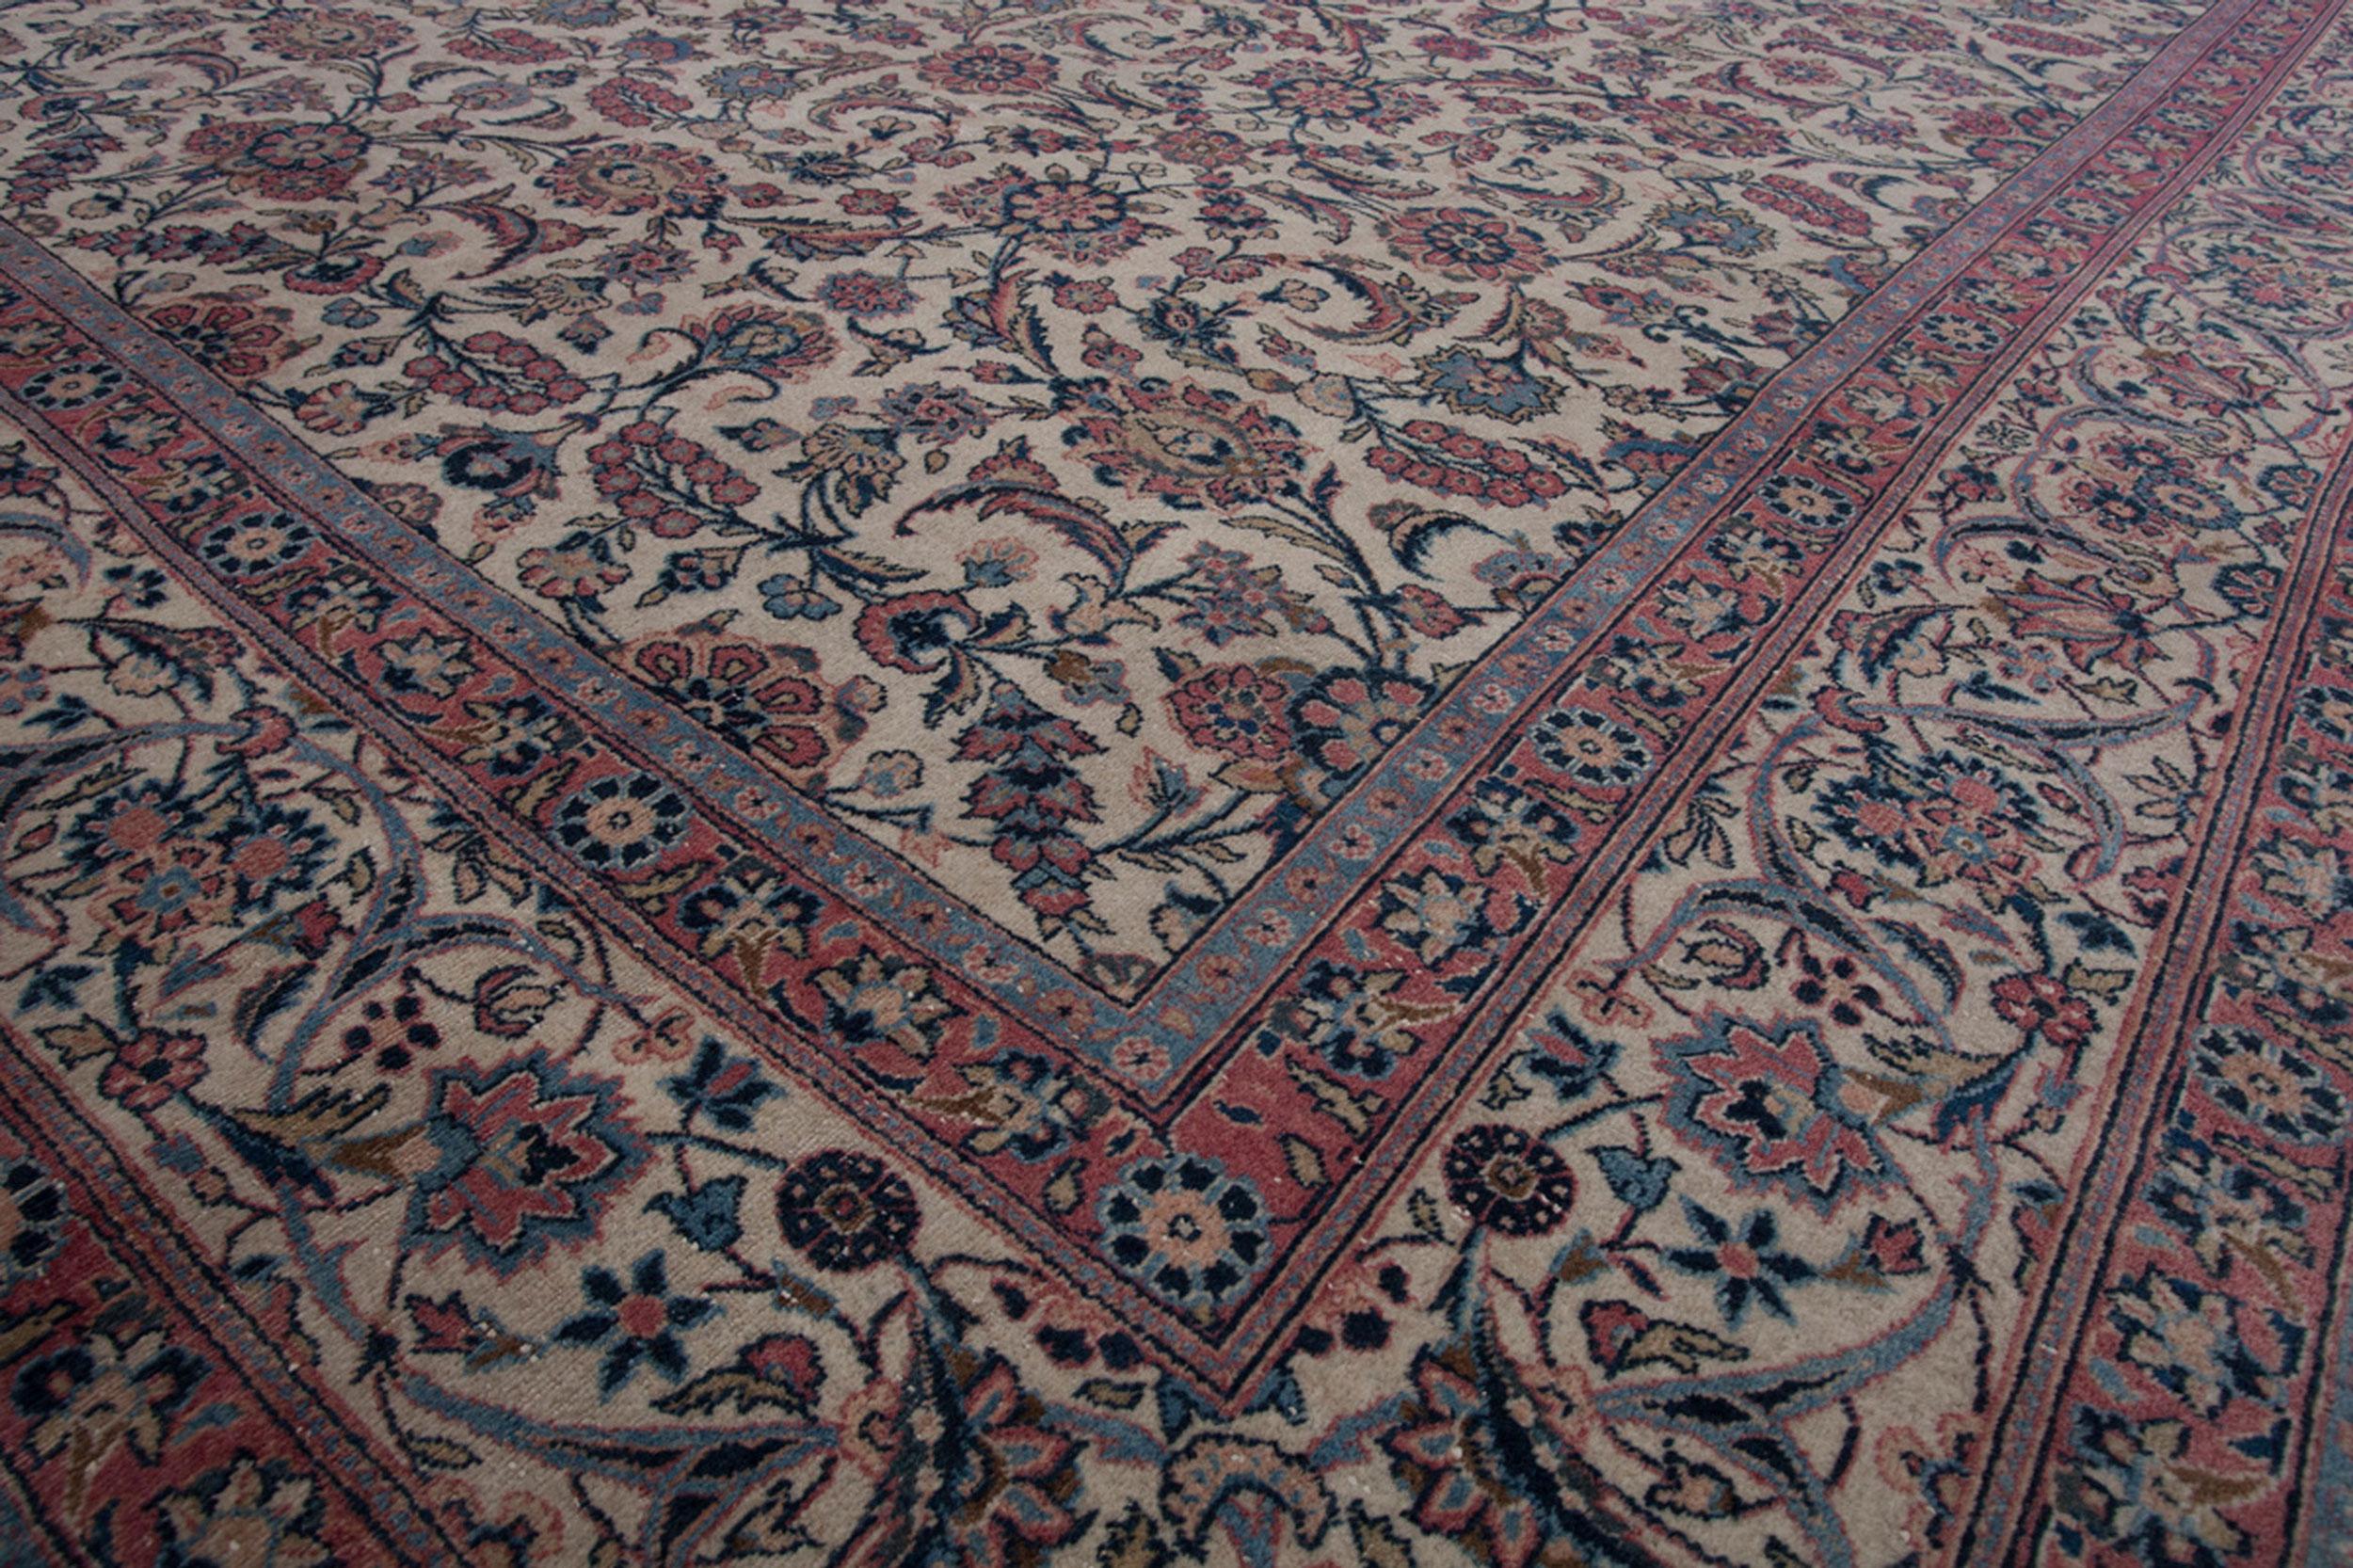 Antique Kashan Carpet 304x218cm